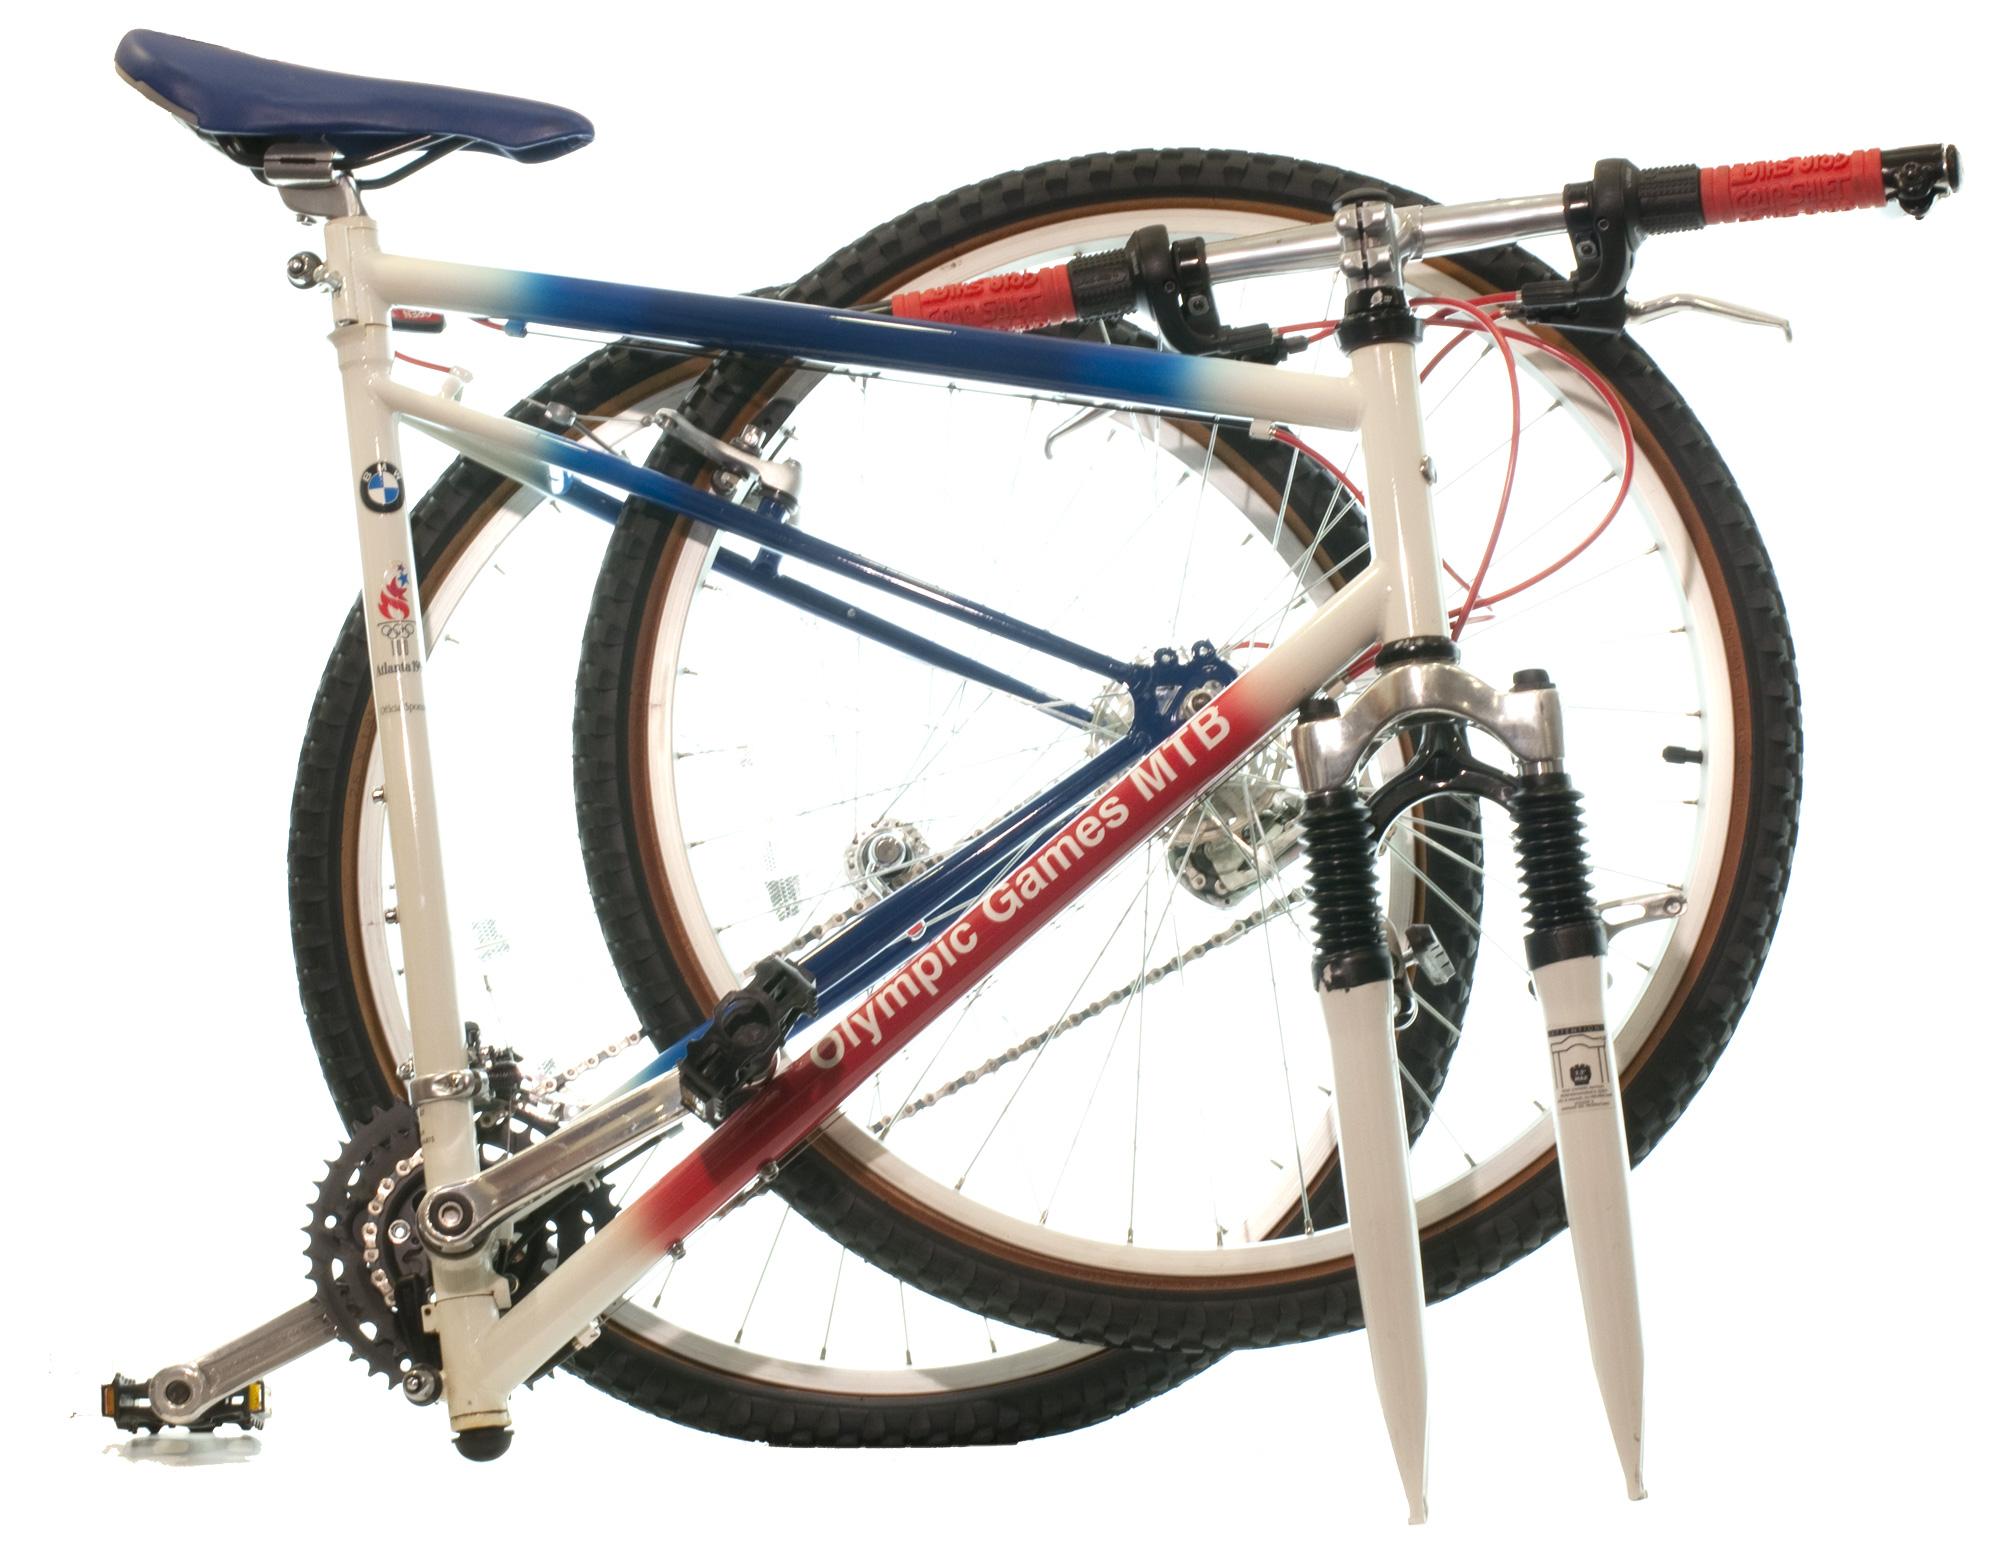 montague throwback thursday post | montague bikes